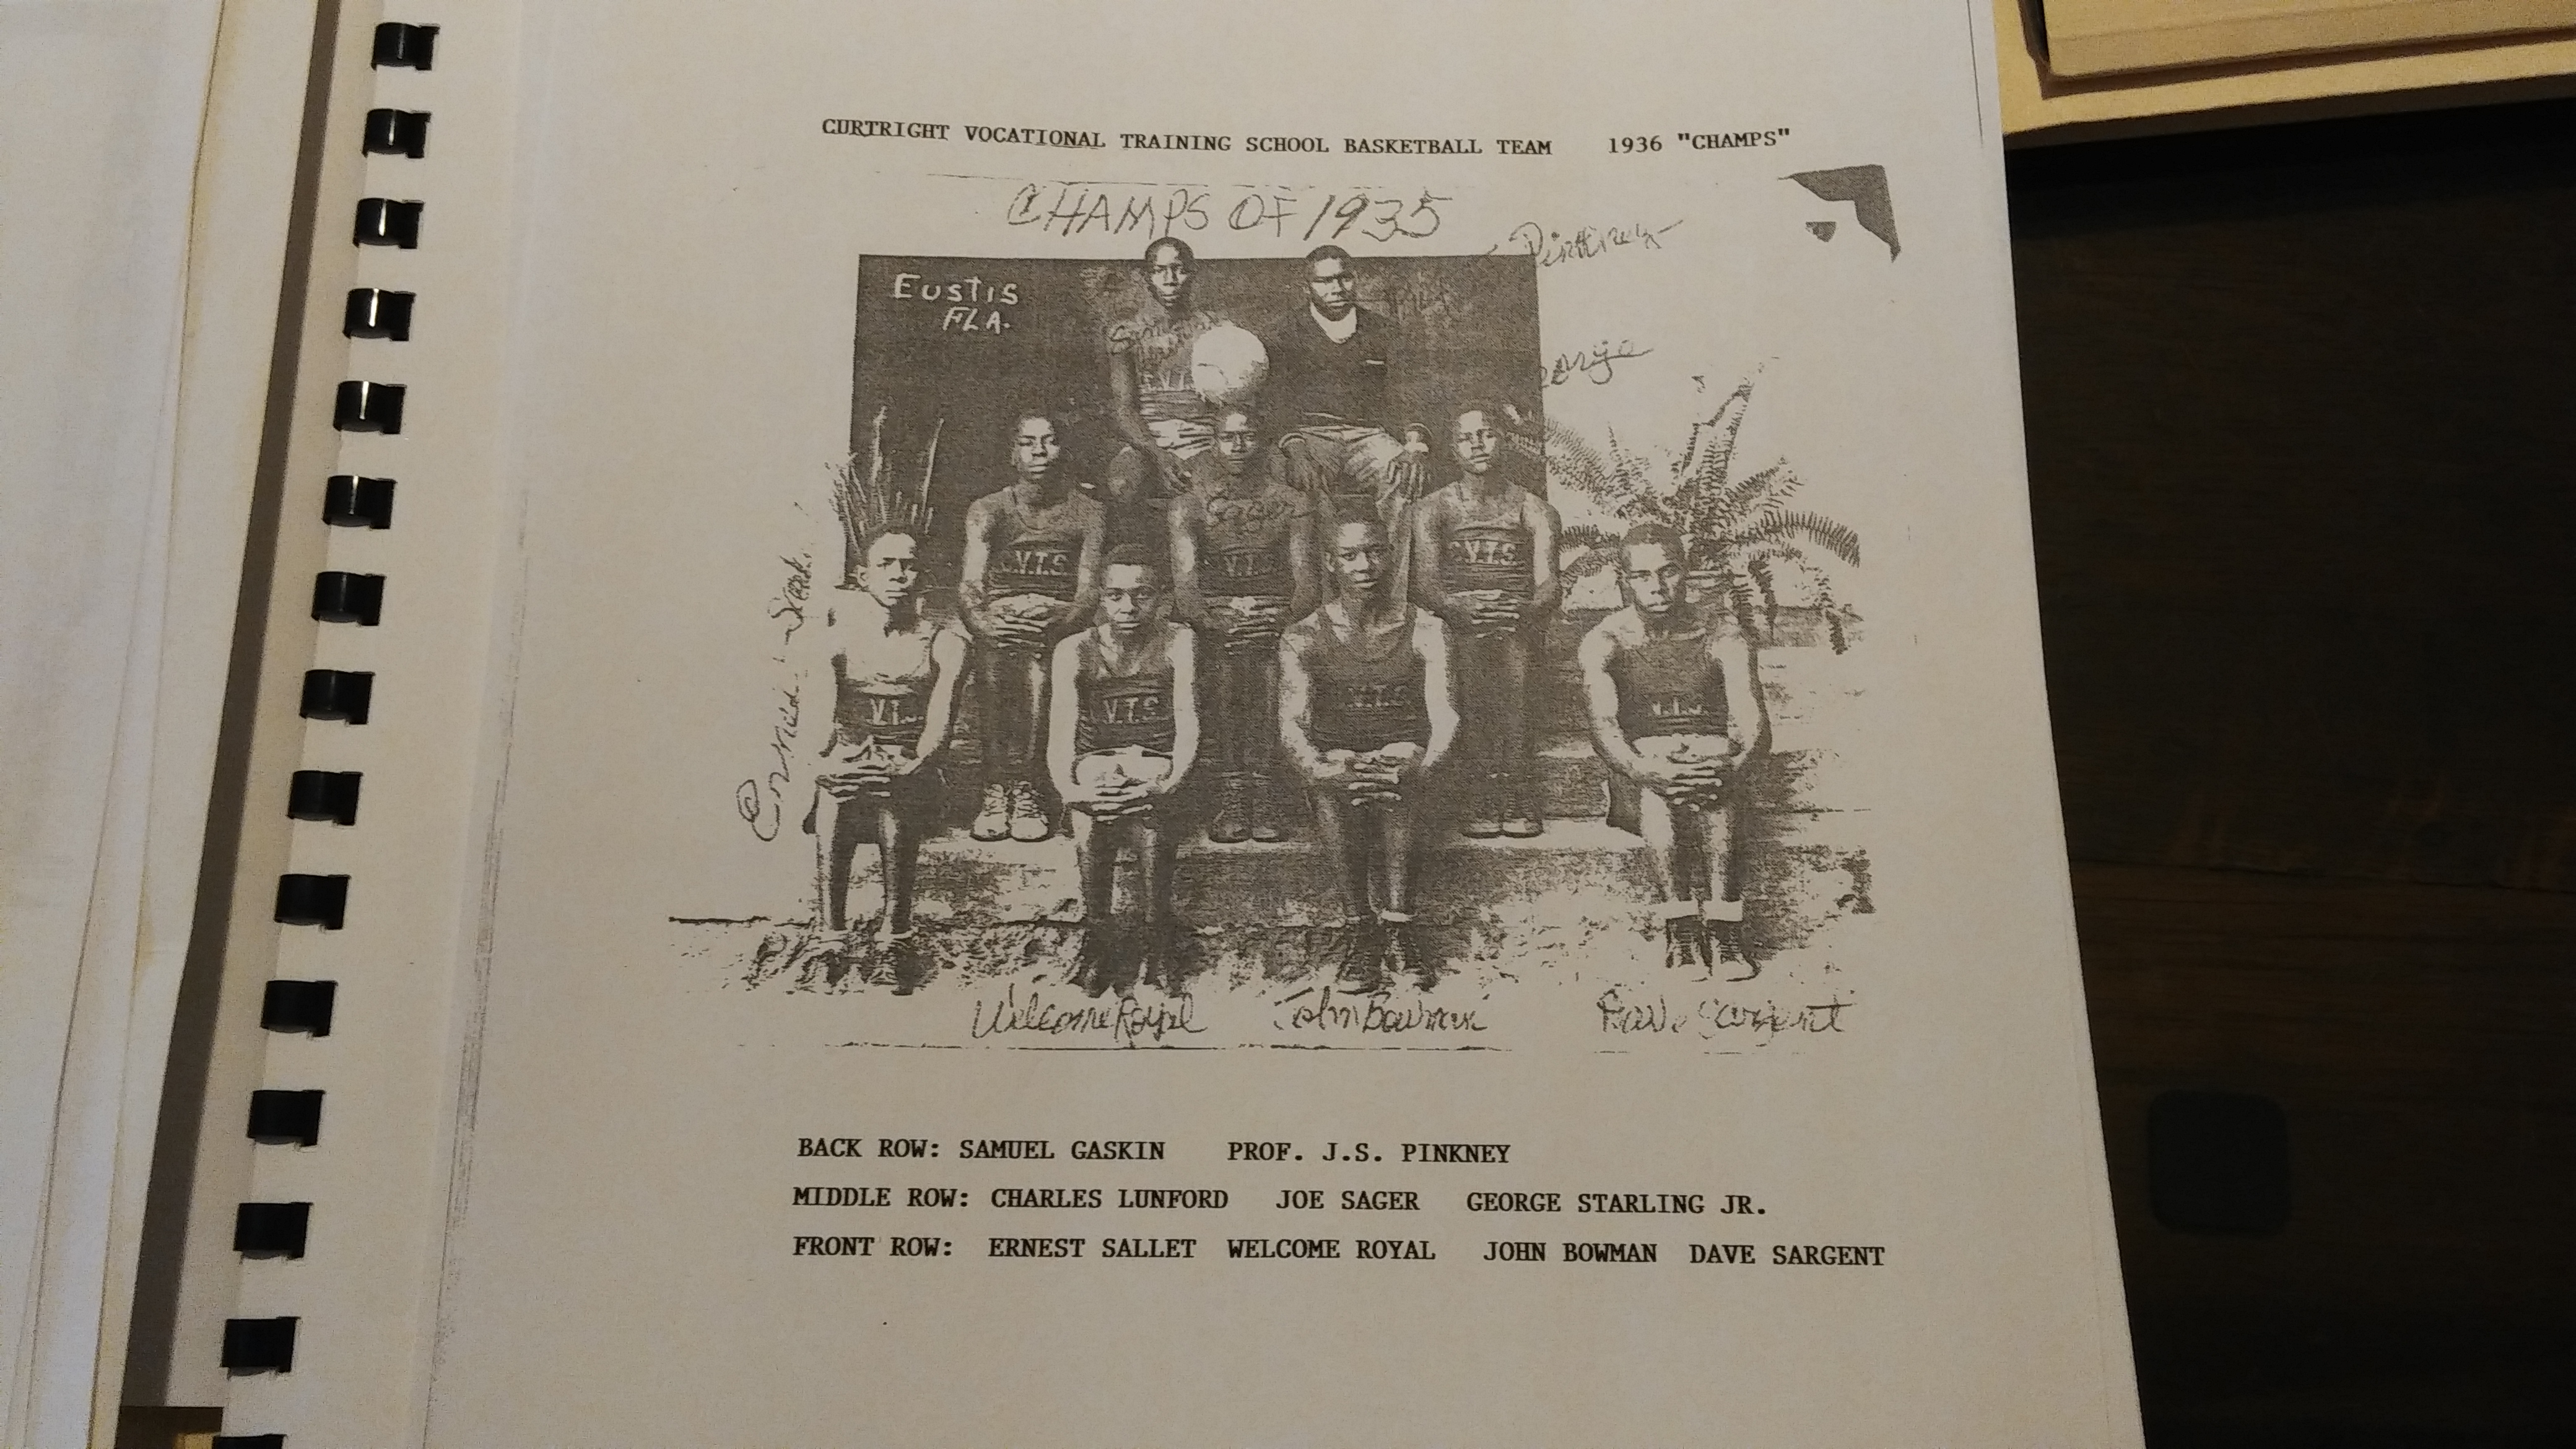 1936 Curtright Vocational Training School Basketball Team. Samuel Gaskin, Professor Pinkney, Charles Lunford, Joe Sager, George Starling Jr., Ernest Sallet, Welcome Royal, John Bowman, Dave Sargent